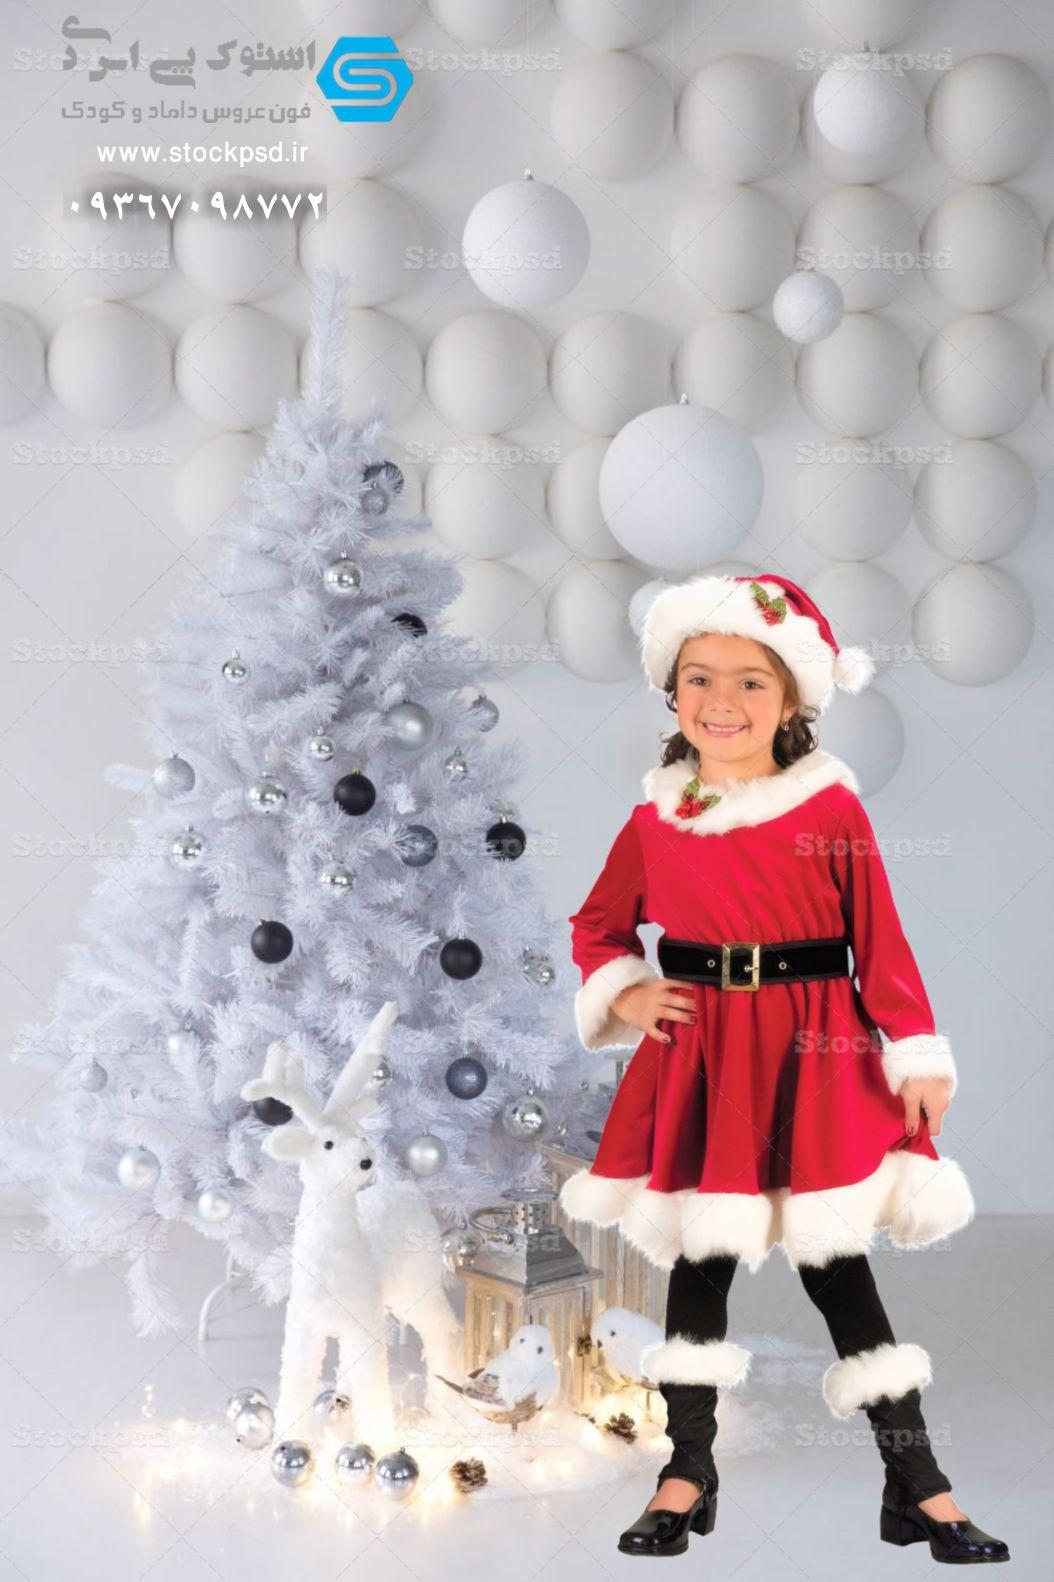 بک گراند با دکور زمستان و کریسمس